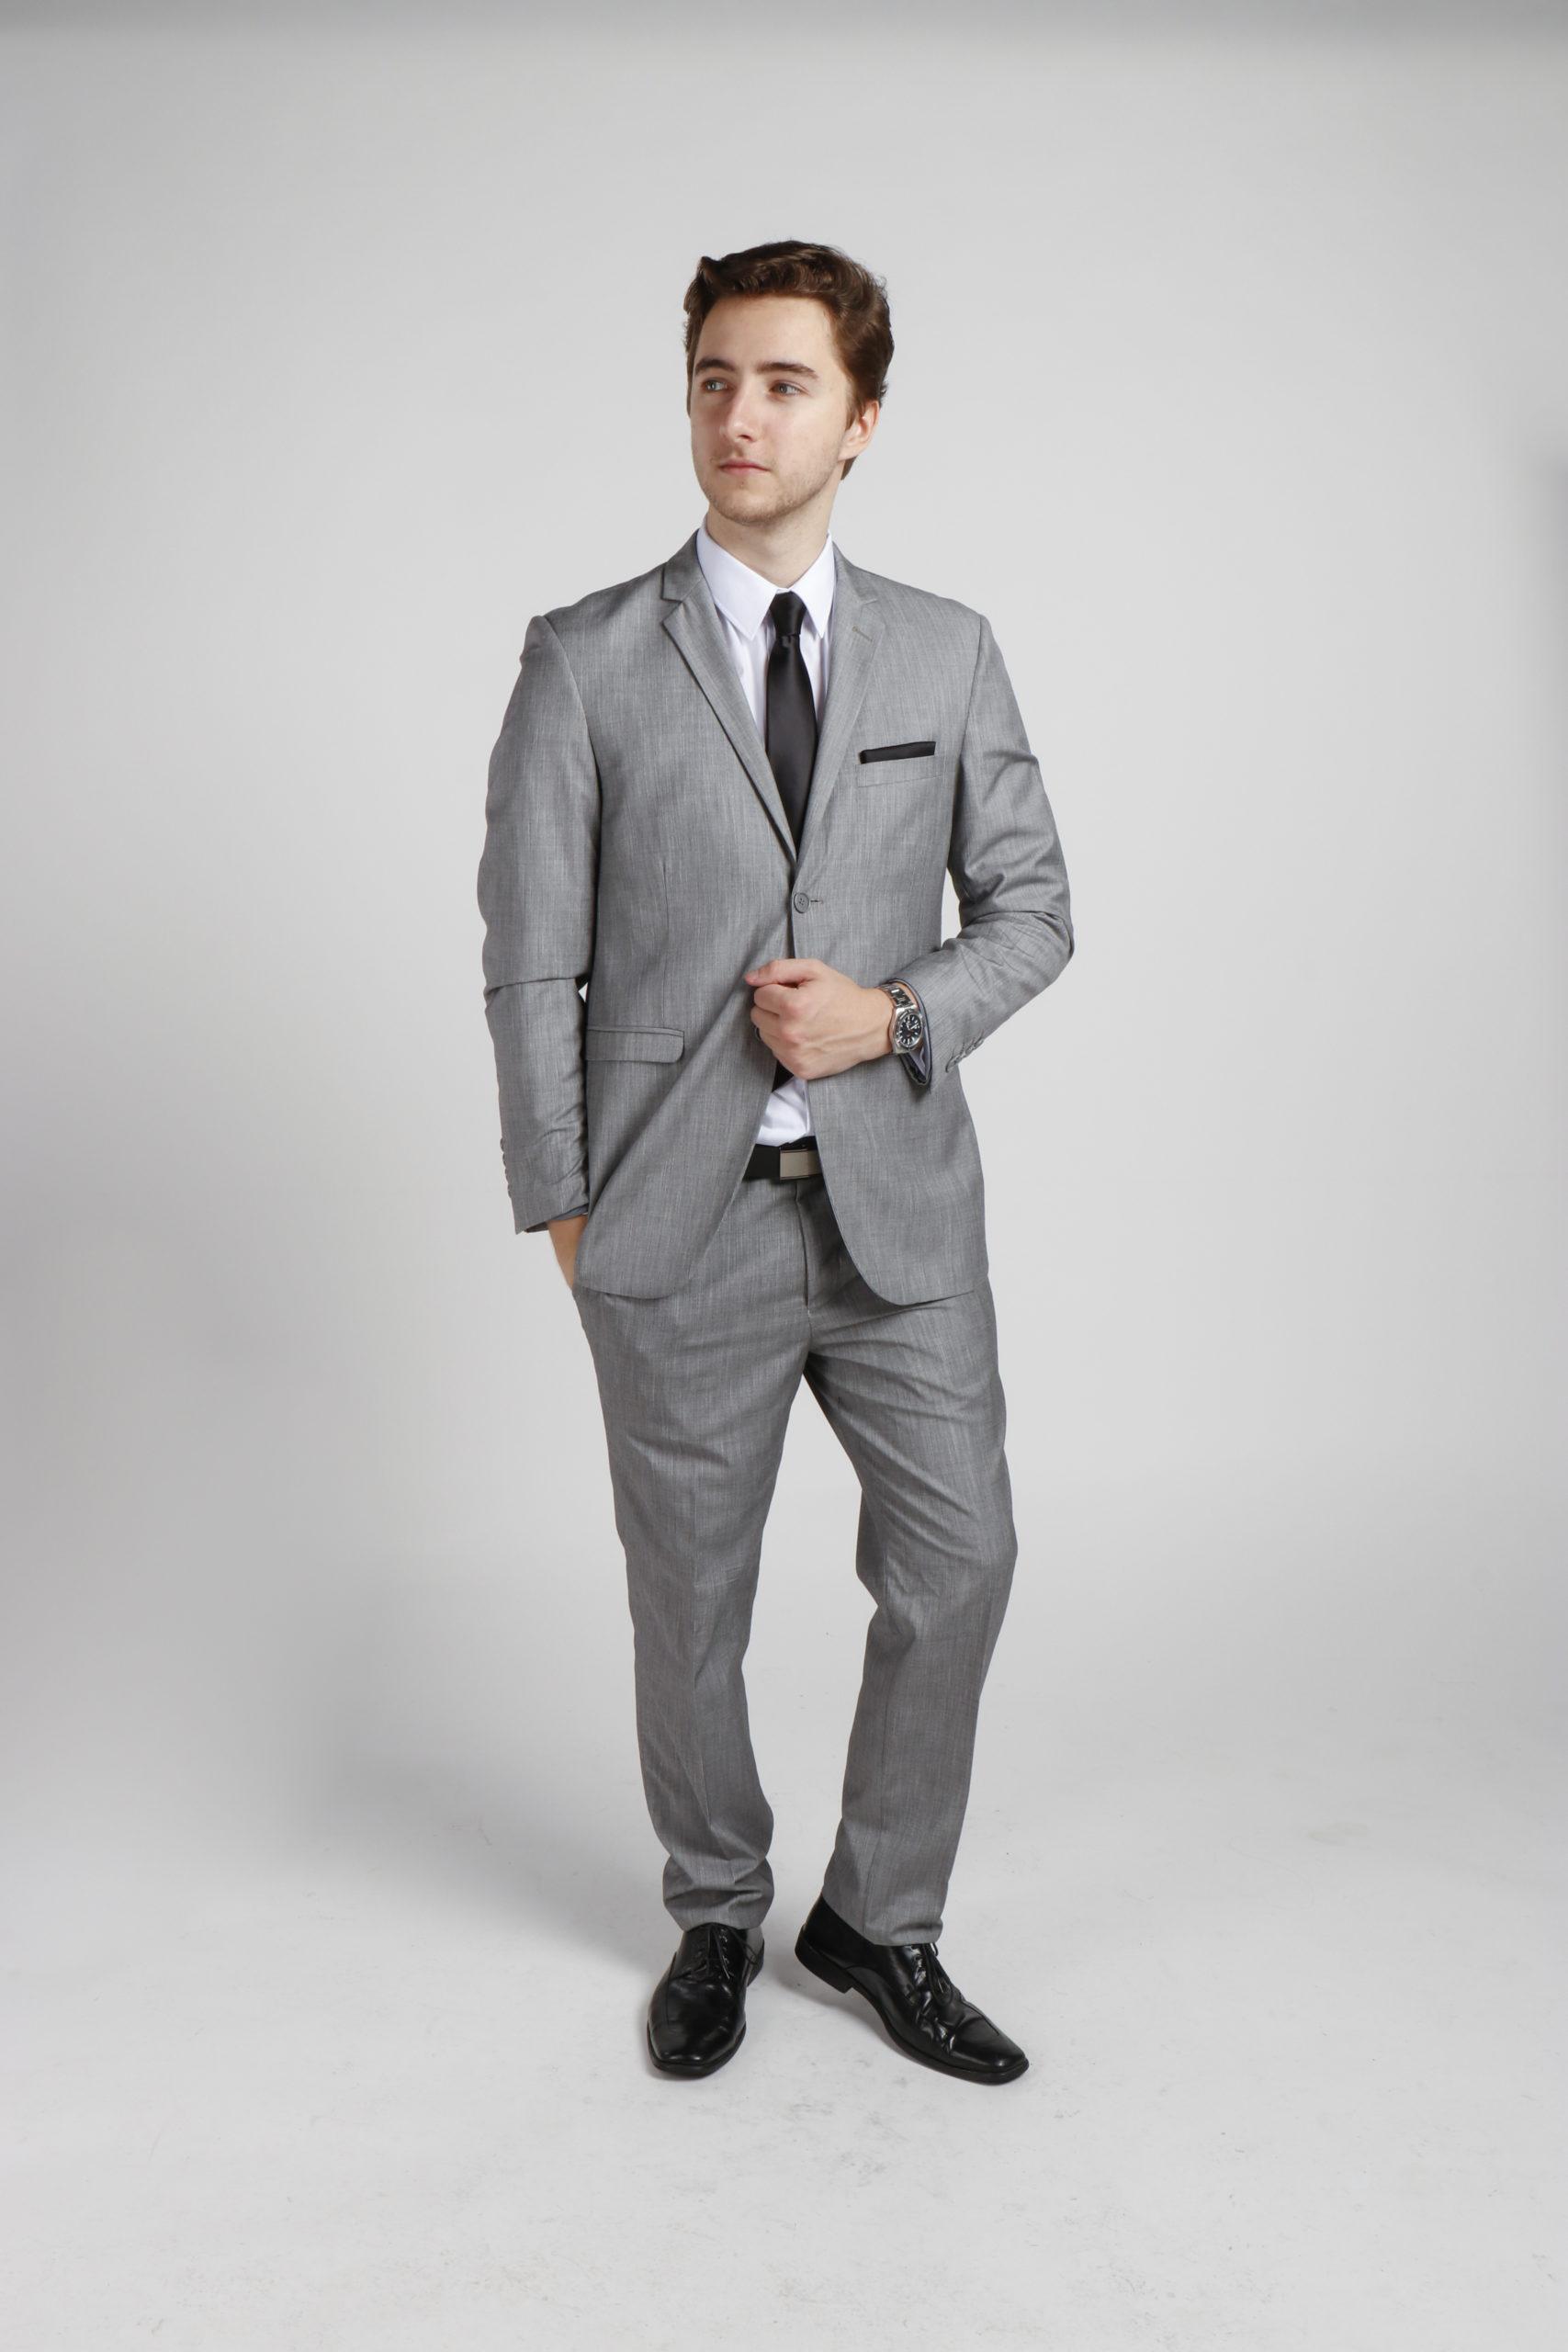 Light Grey Suit Hire